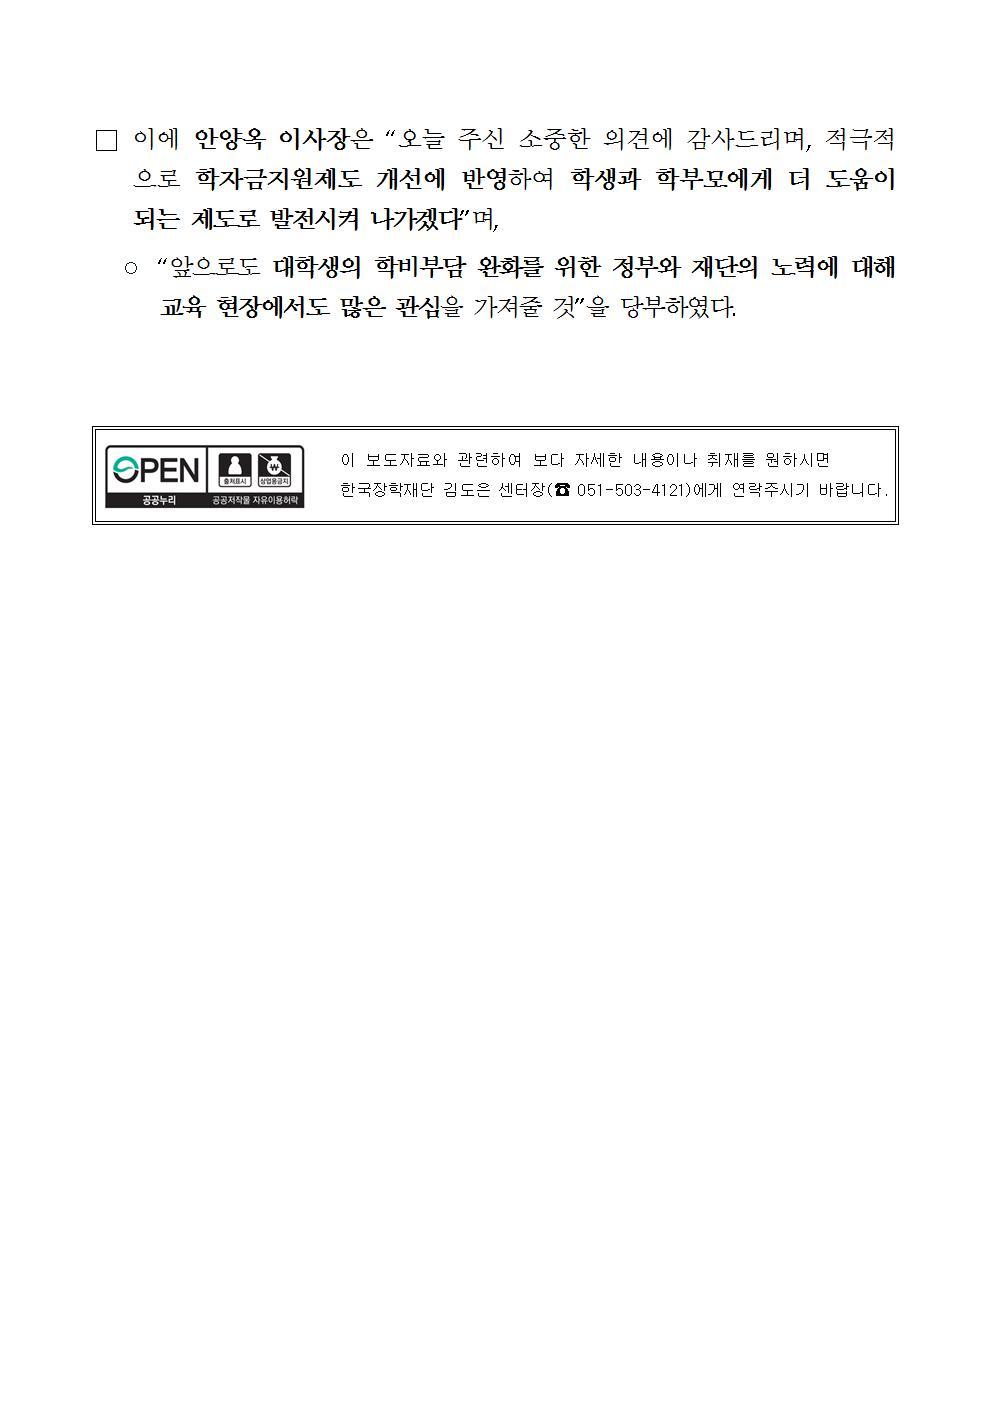 07-12(목)[보도자료] 한국장학재단, 부산권역 학부모, 총학생회 현장간담회 개최003.jpg